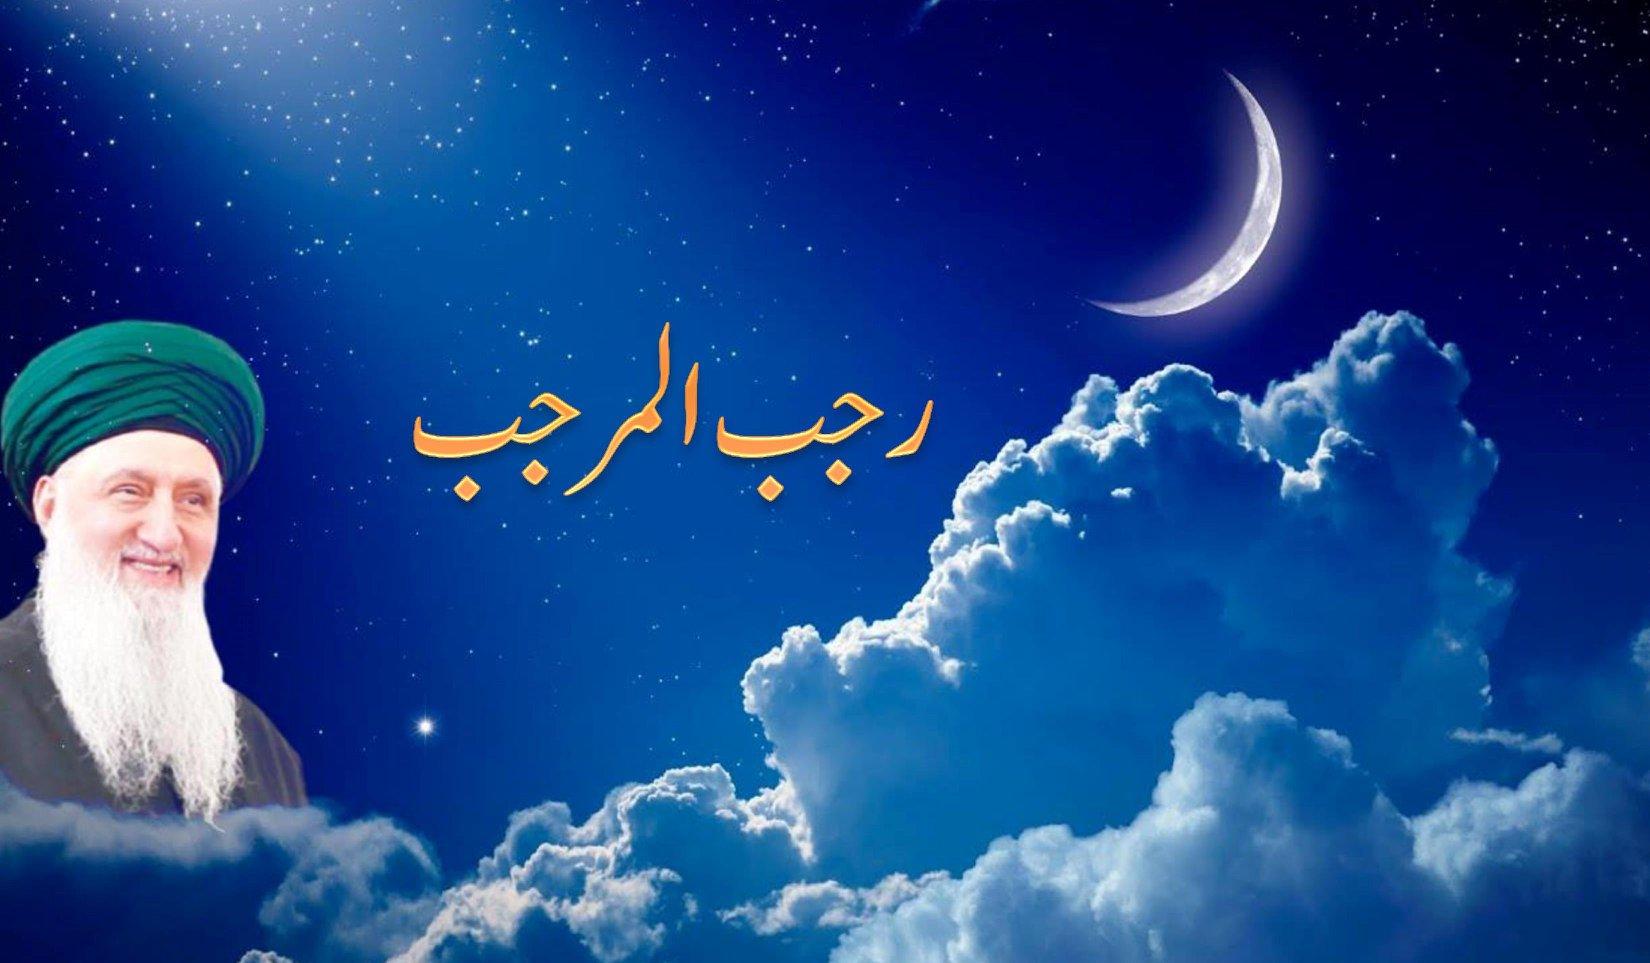 ماہ رجب کا خیر مقدم   Welcoming the Holy Month of Rajab   ساتواں قمری   مہینہ: م...